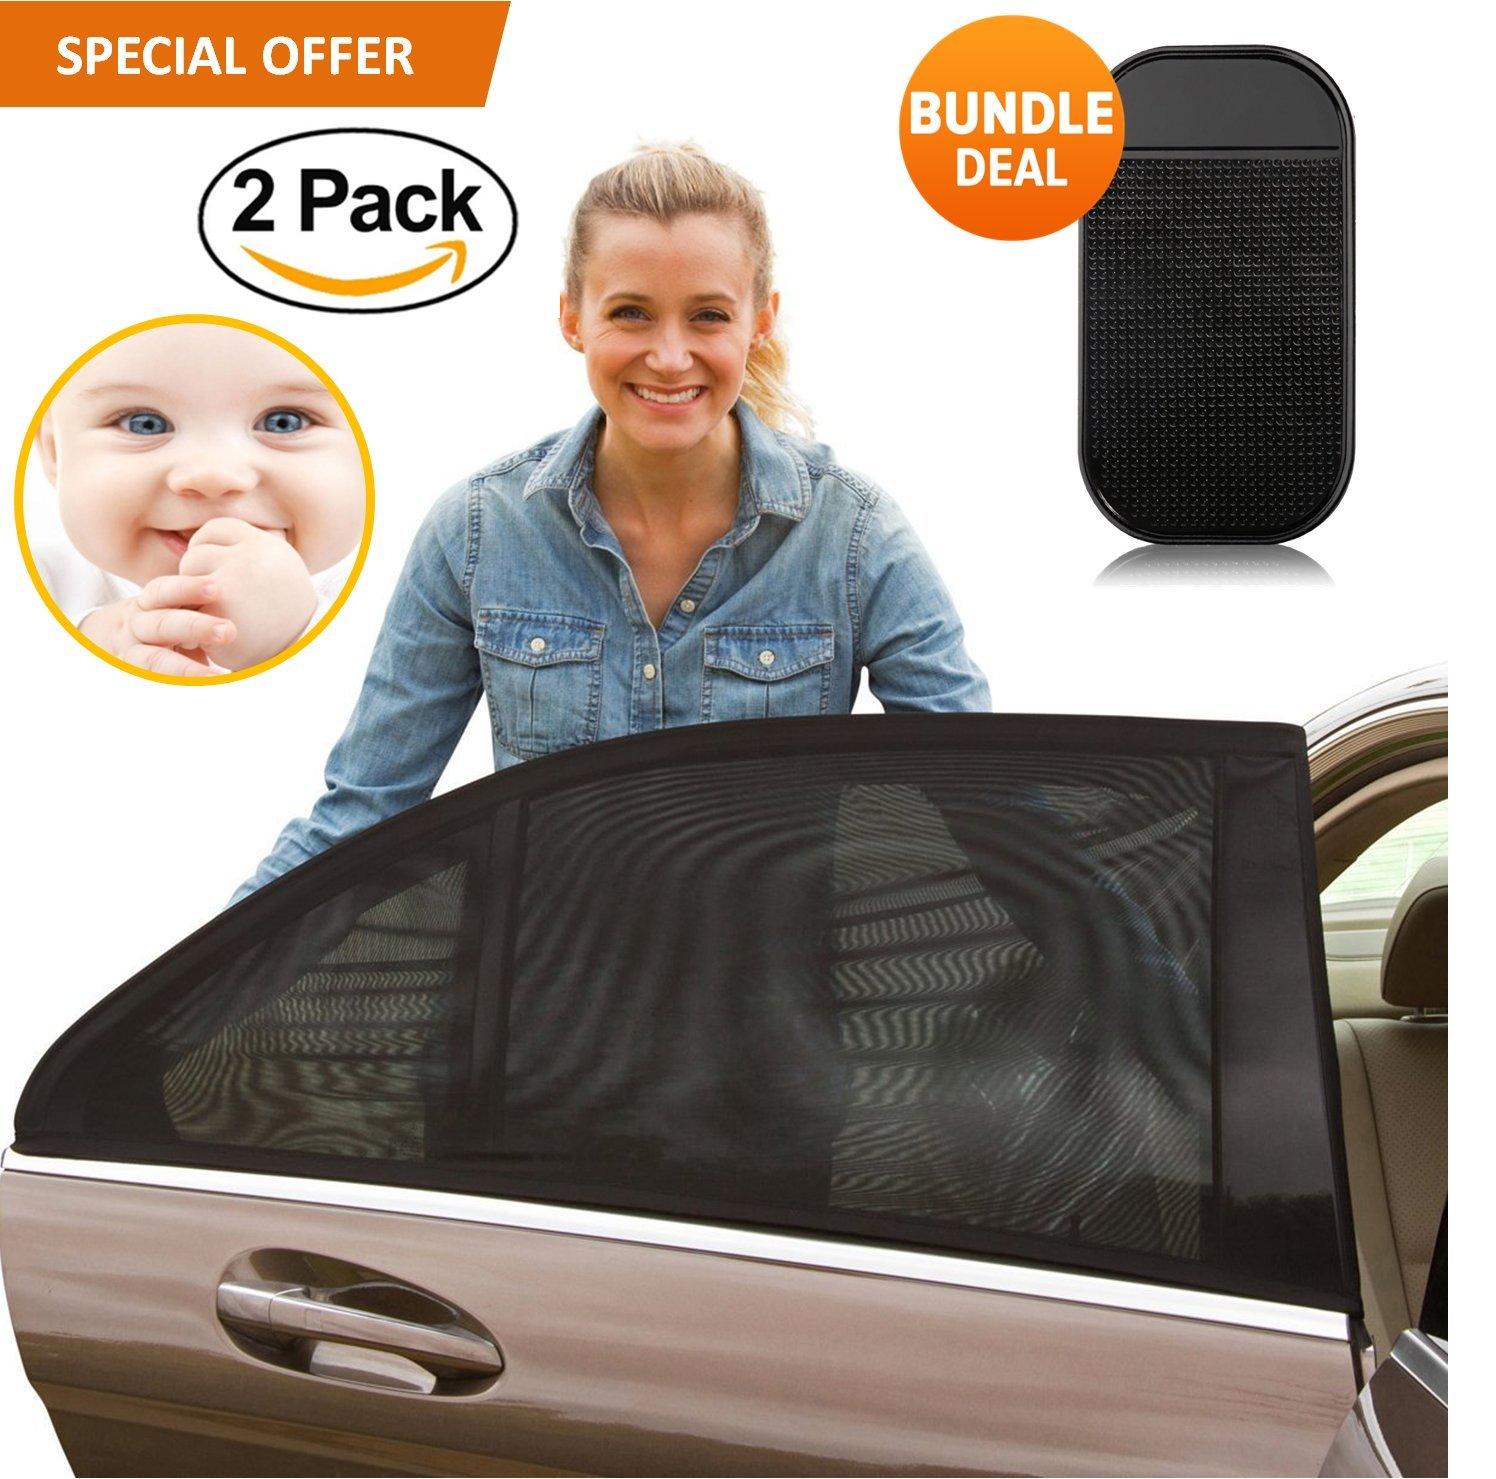 PRIMIUM Universal Car Window Shade 2 Pack - verbesserte Auto Sonnenschutz Baby und Kinder mit UV-Schutz für Kinder und Haustiere Premium Auto Fenster ohne Sun haftet- bonus Armaturenbrett Anti-rutsch-Matte FabQuality